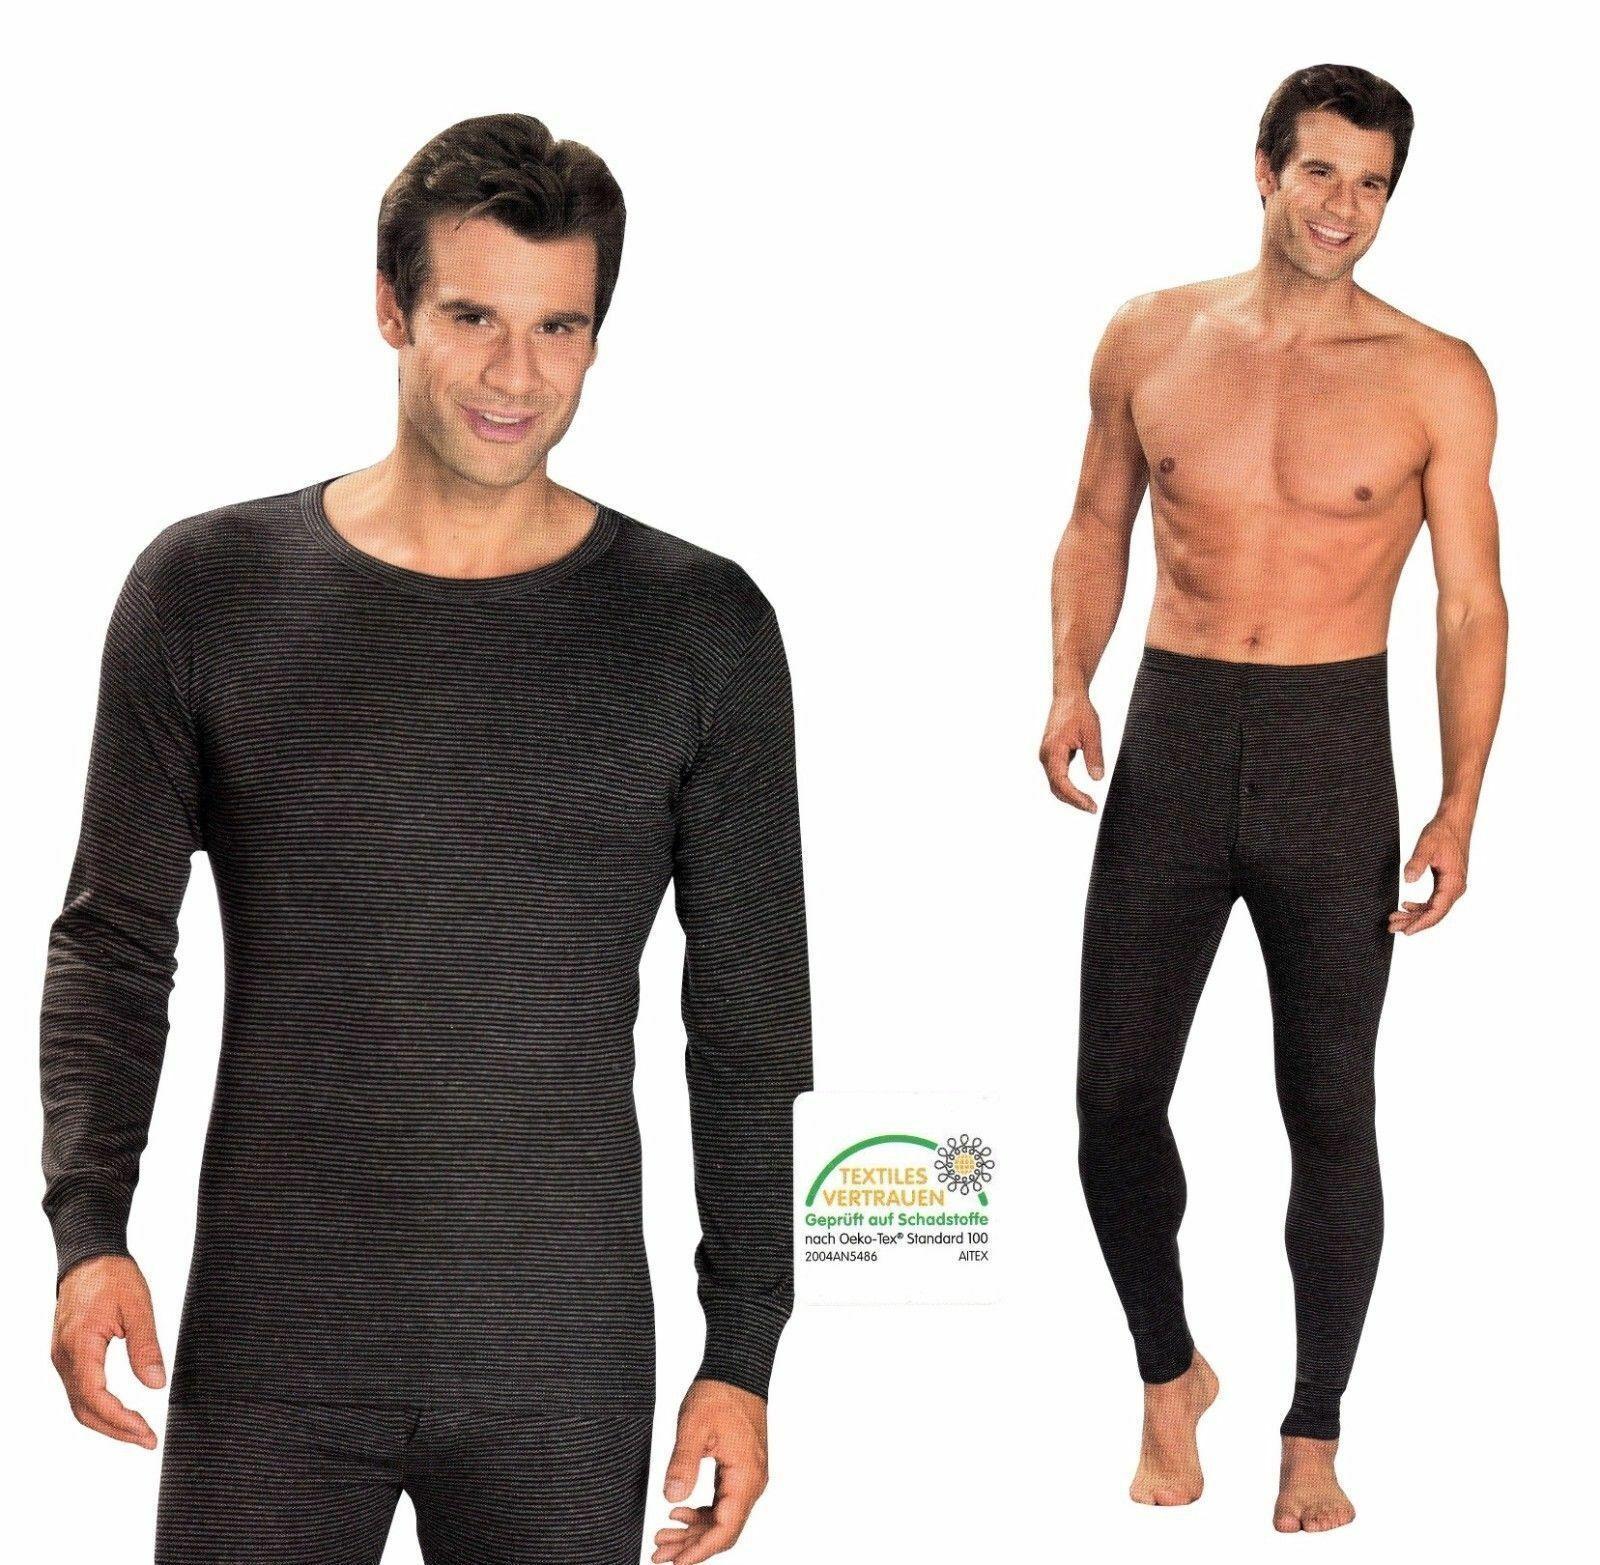 Herren Thermo Unterwäsche lange Unterhose Thermo Shirt Ski Winter Unterhemd warm